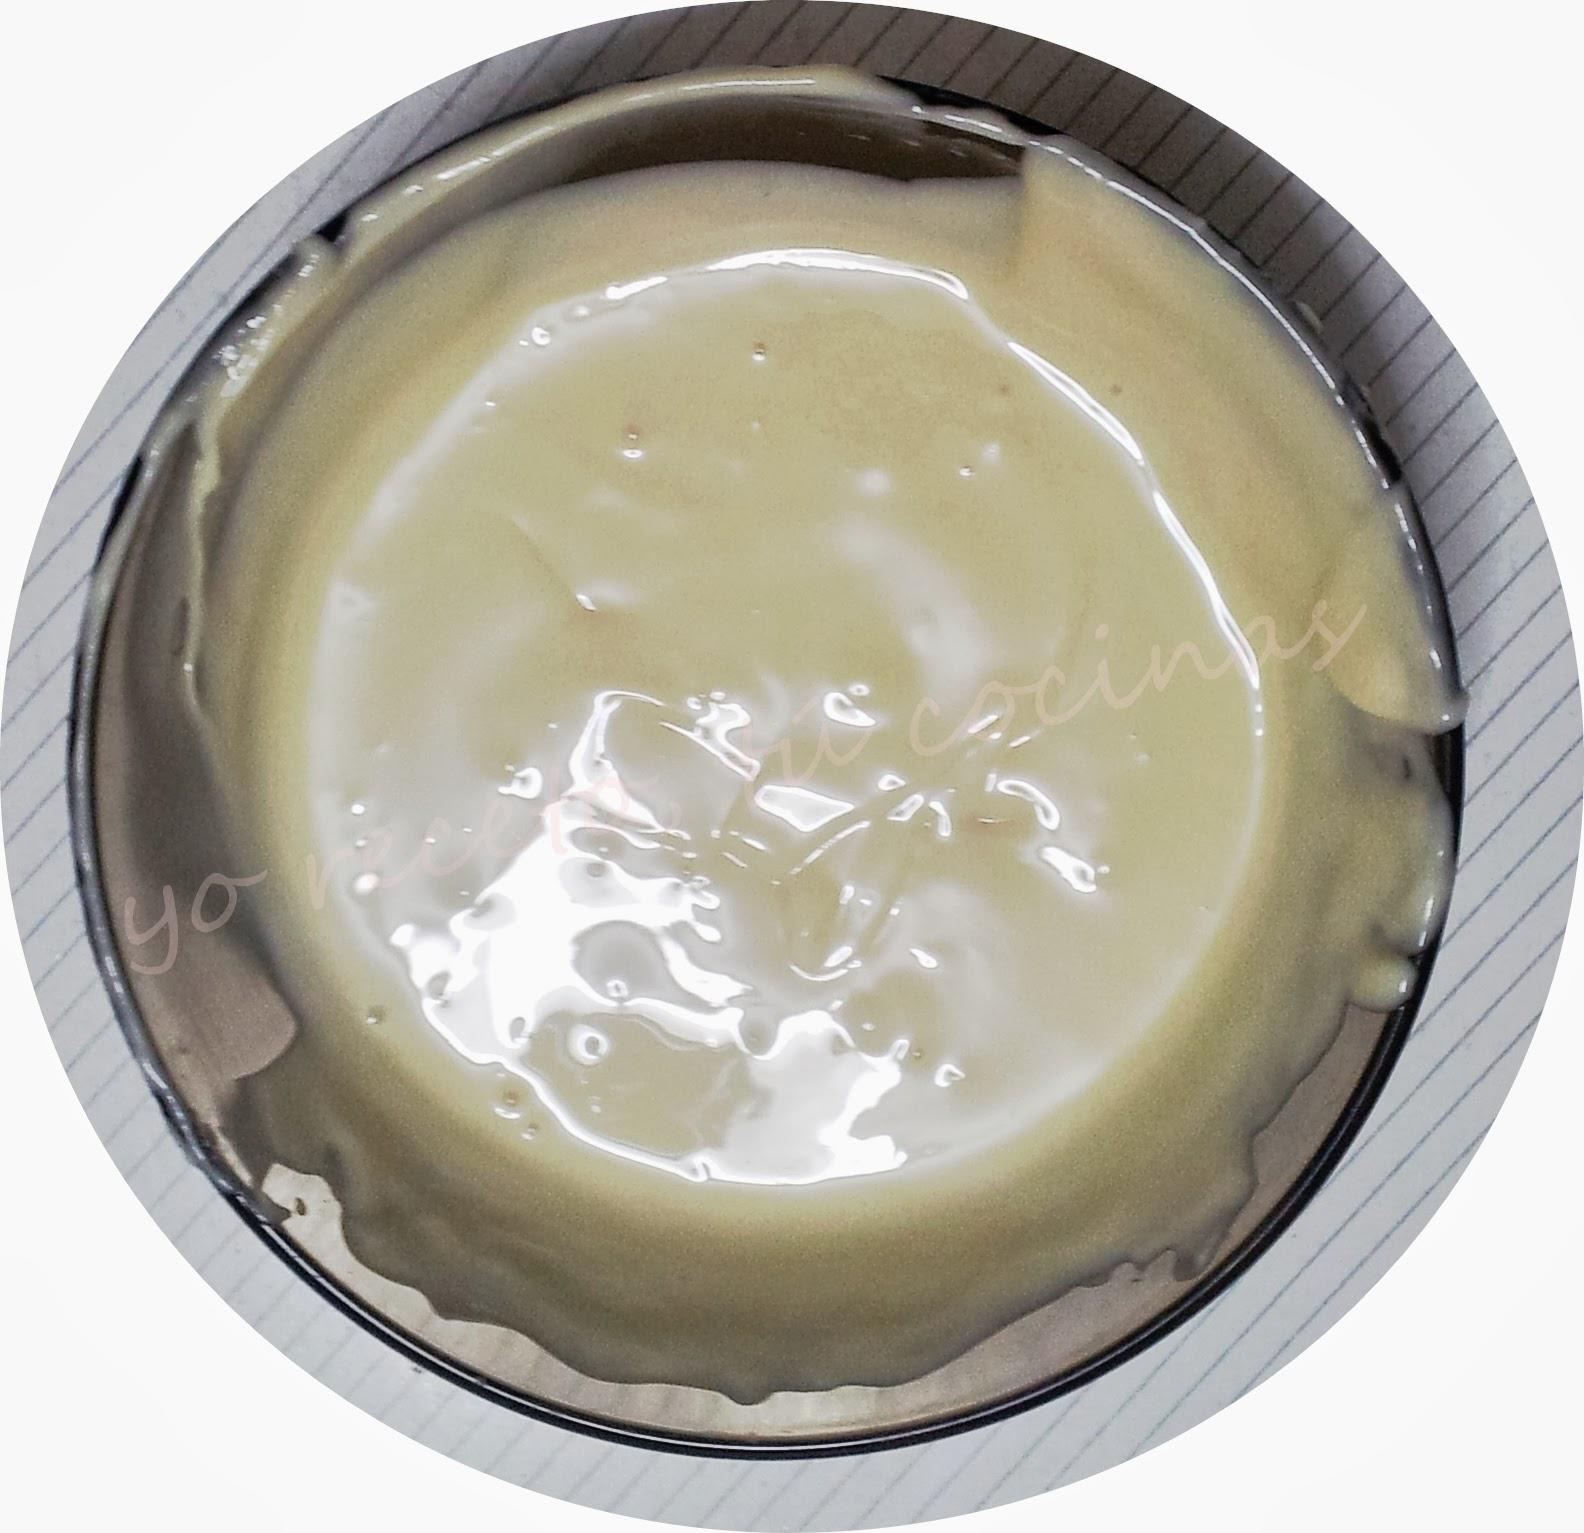 Baño Chocolate Blanco Para Tartas: una cazuela con agua a hervir y encima otra con el chocolate echado